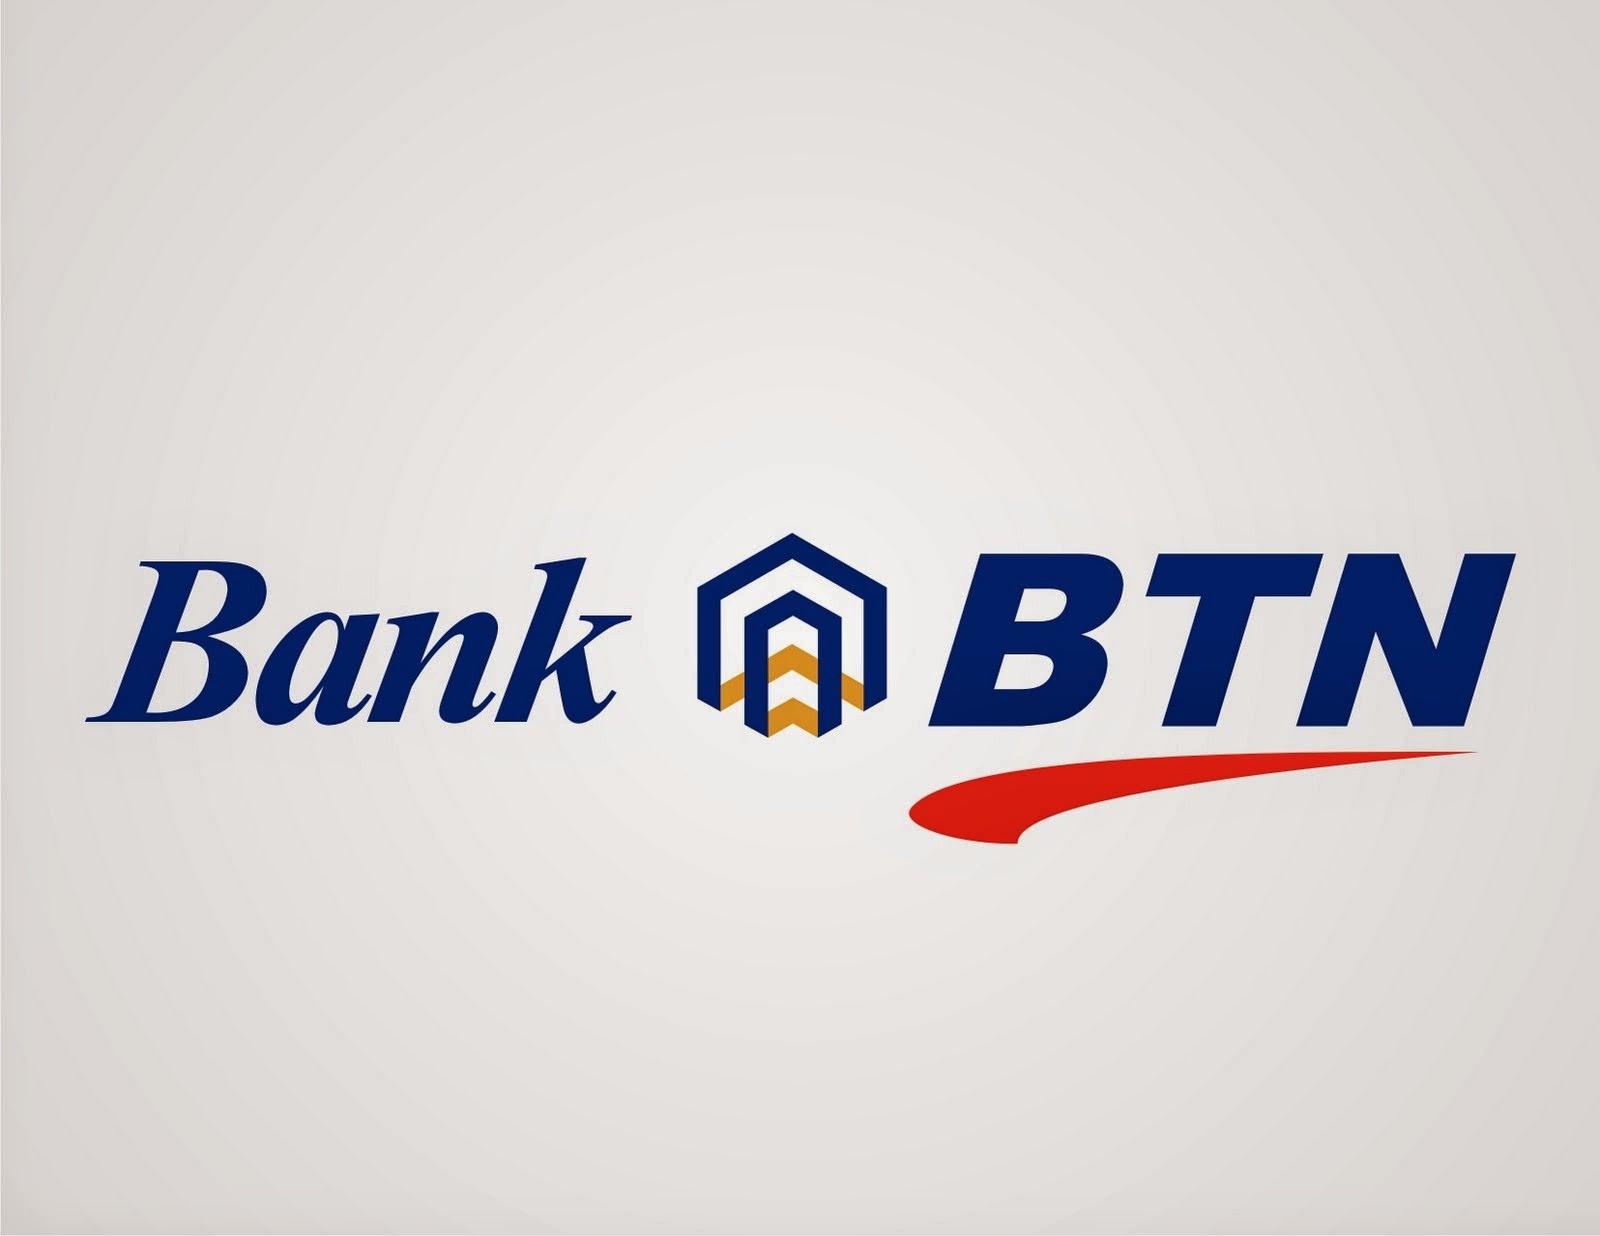 Kode Bank BTN, kode bank tabungan negara,kode bank mandiri,kode bank btn syariah,kode bank btn batara,paypal,junior,kode bank btn ke bca,